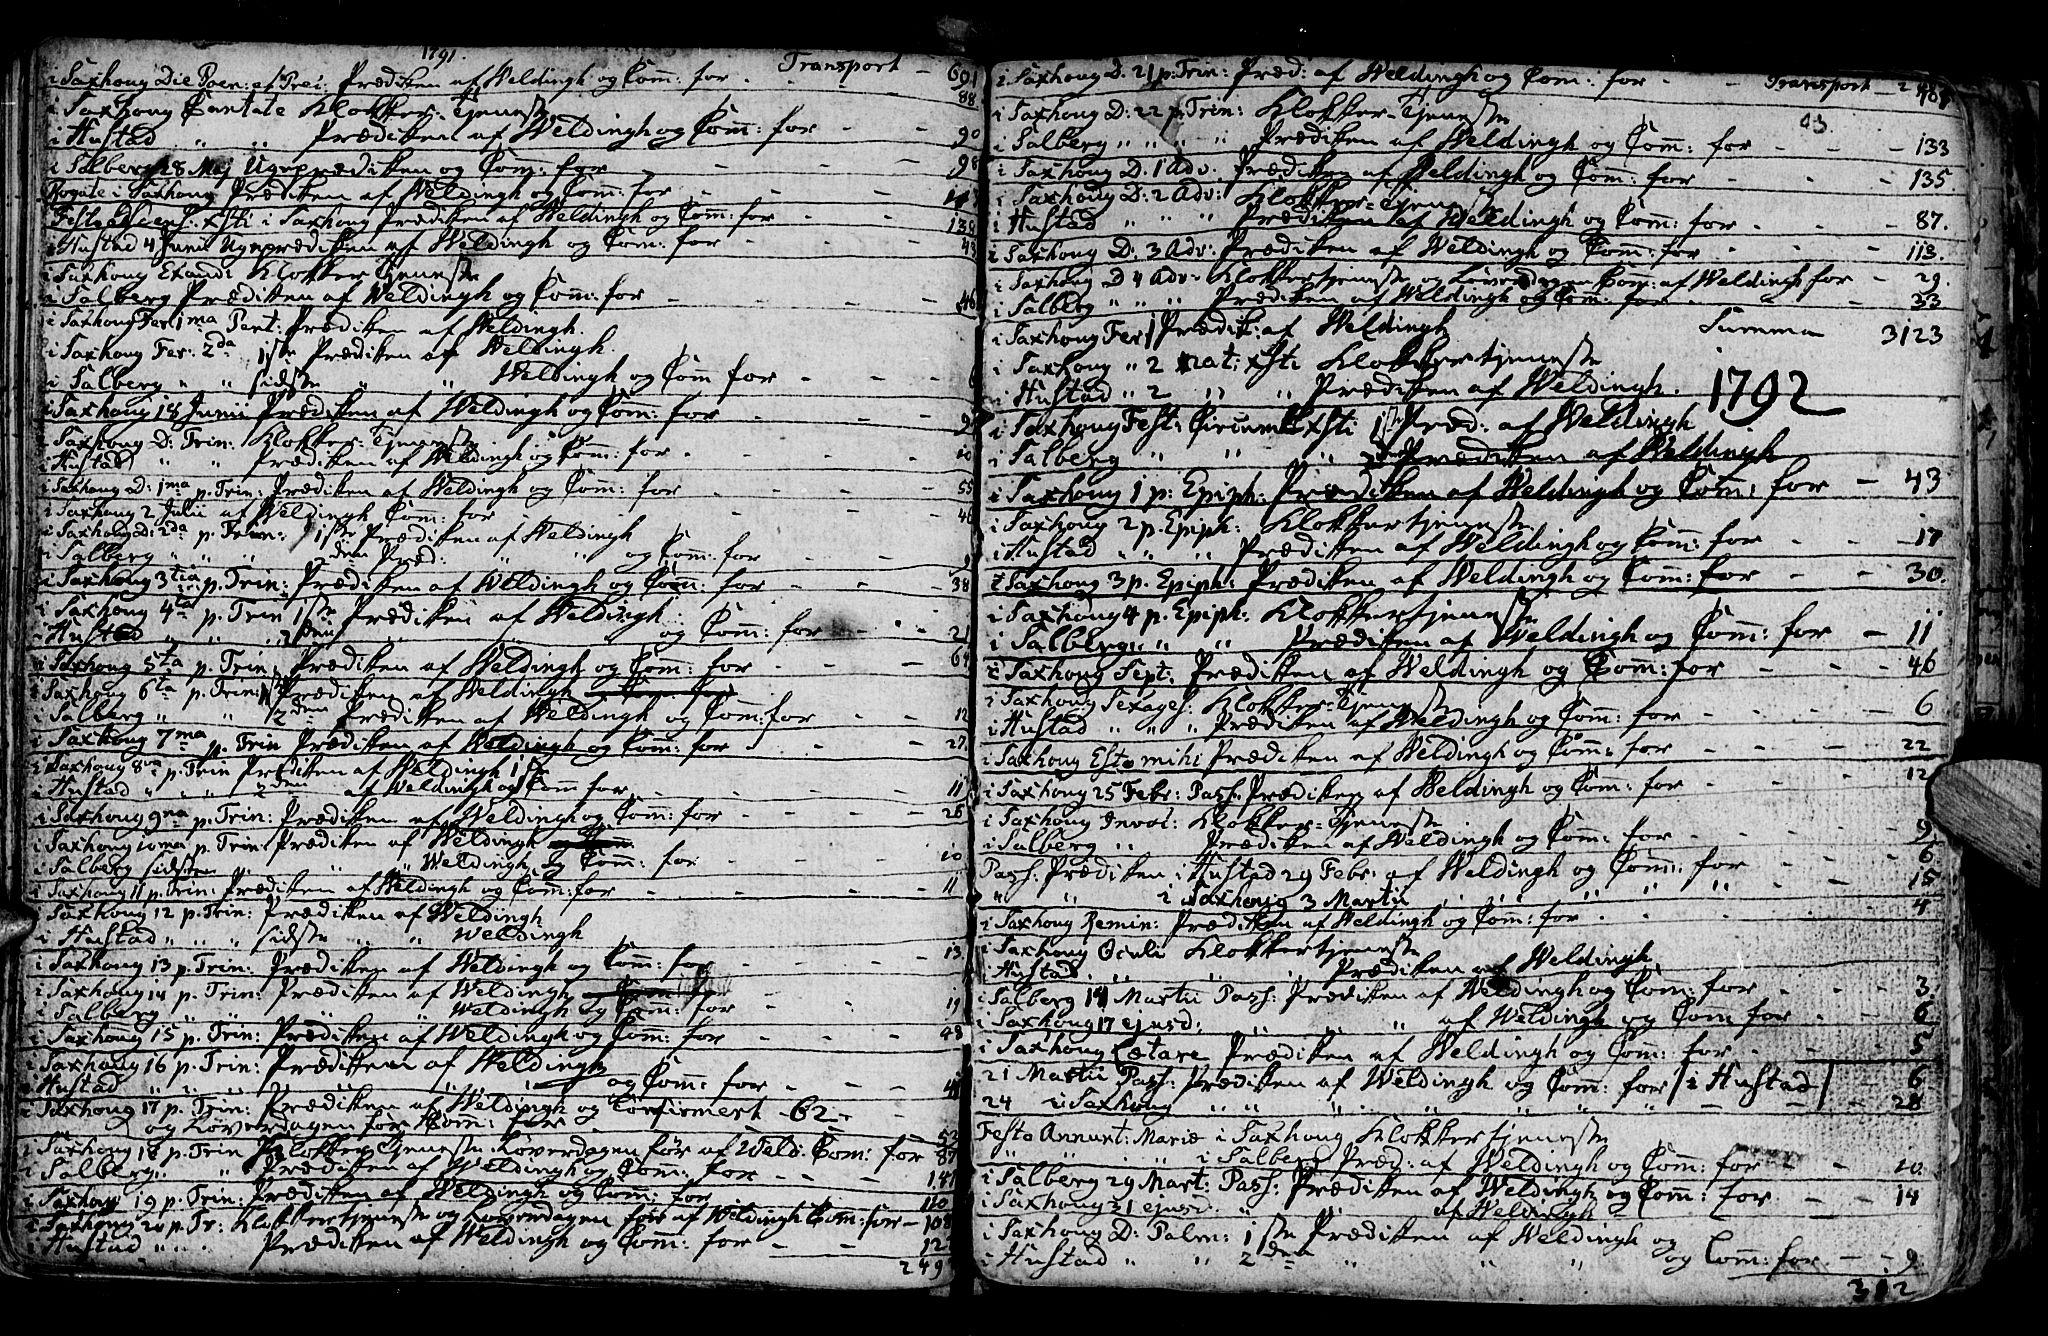 SAT, Ministerialprotokoller, klokkerbøker og fødselsregistre - Nord-Trøndelag, 730/L0273: Ministerialbok nr. 730A02, 1762-1802, s. 63